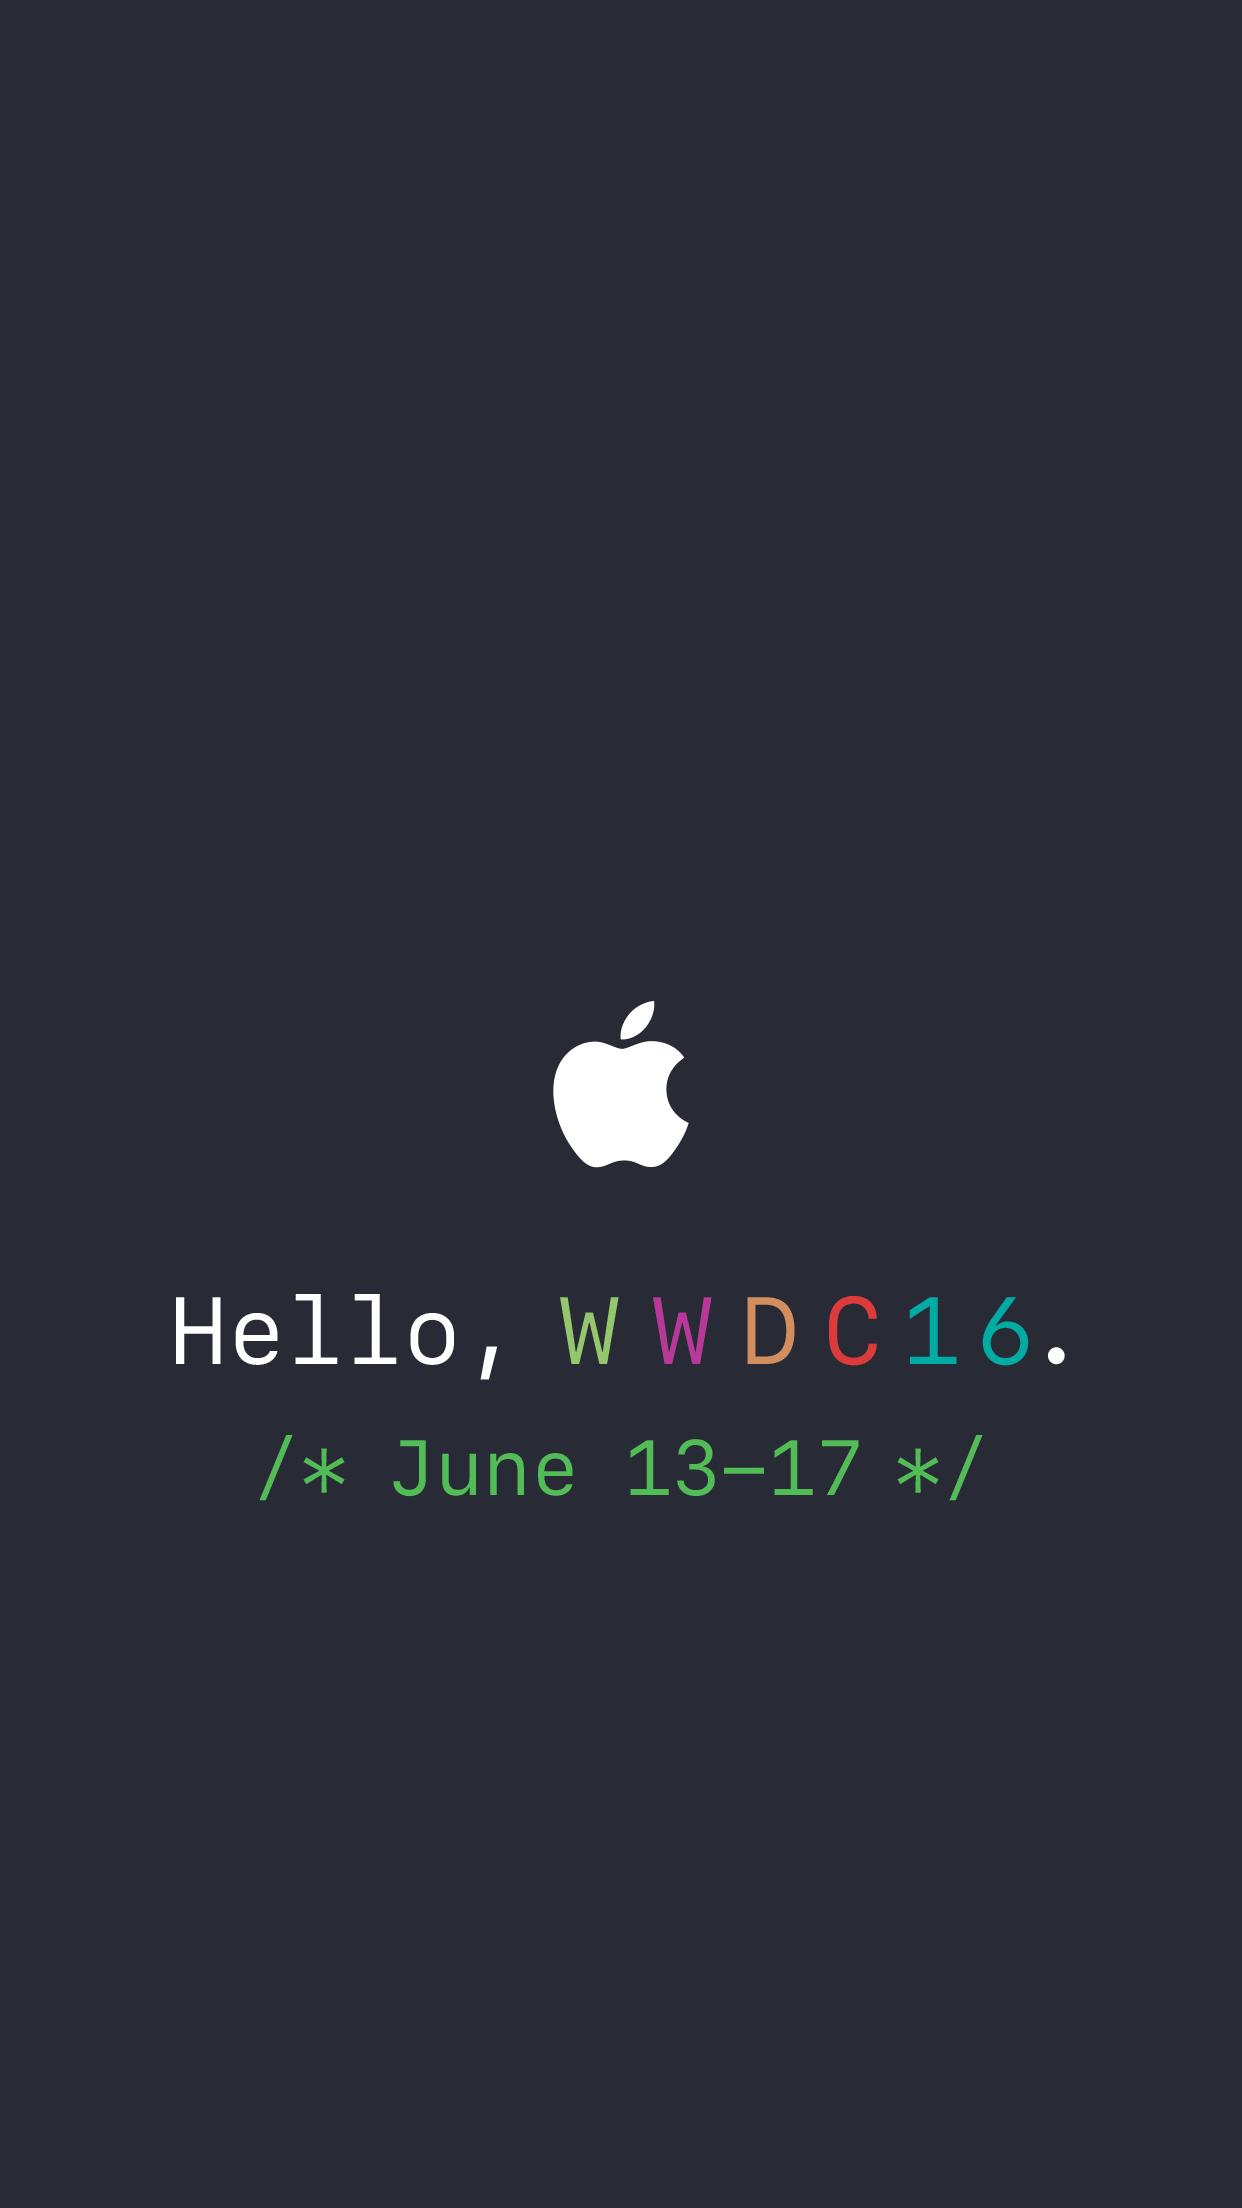 Apple WWDC 2016 wallpapers